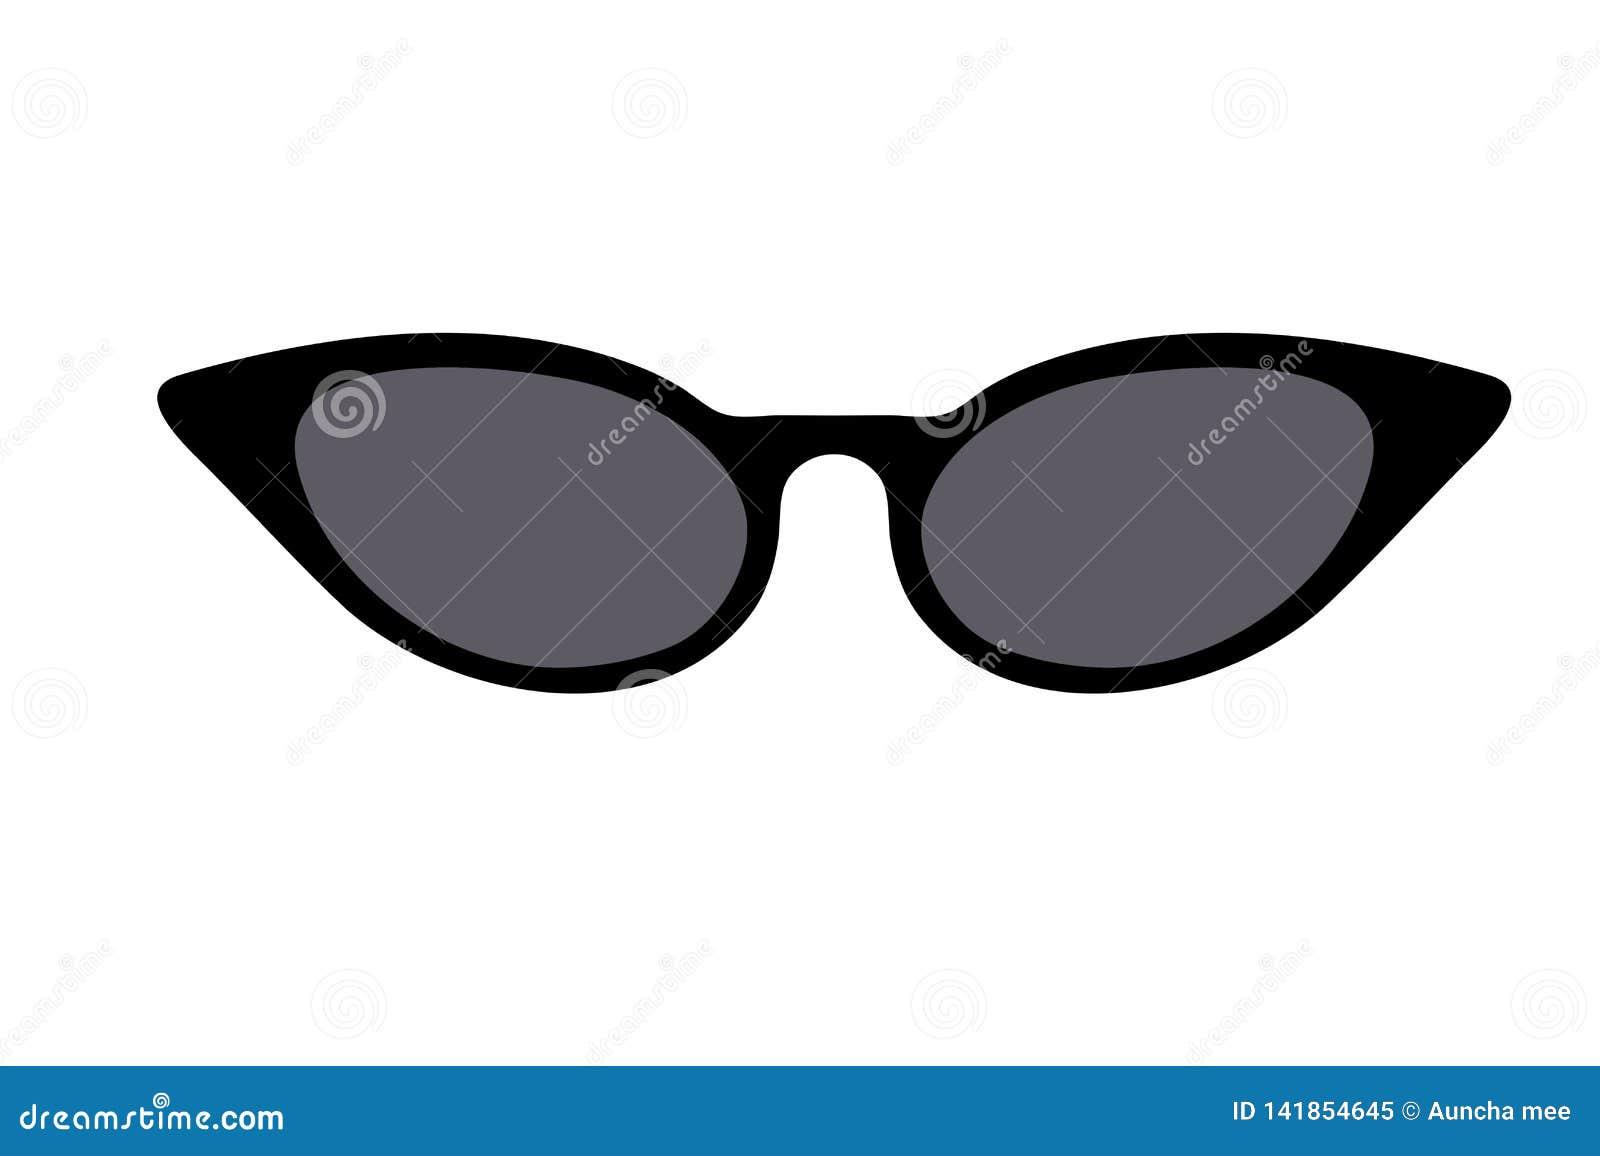 talla 40 ee0b8 cdeb4 Icono De Las Gafas De Sol Del Ojo De Gato En El Fondo Blanco ...